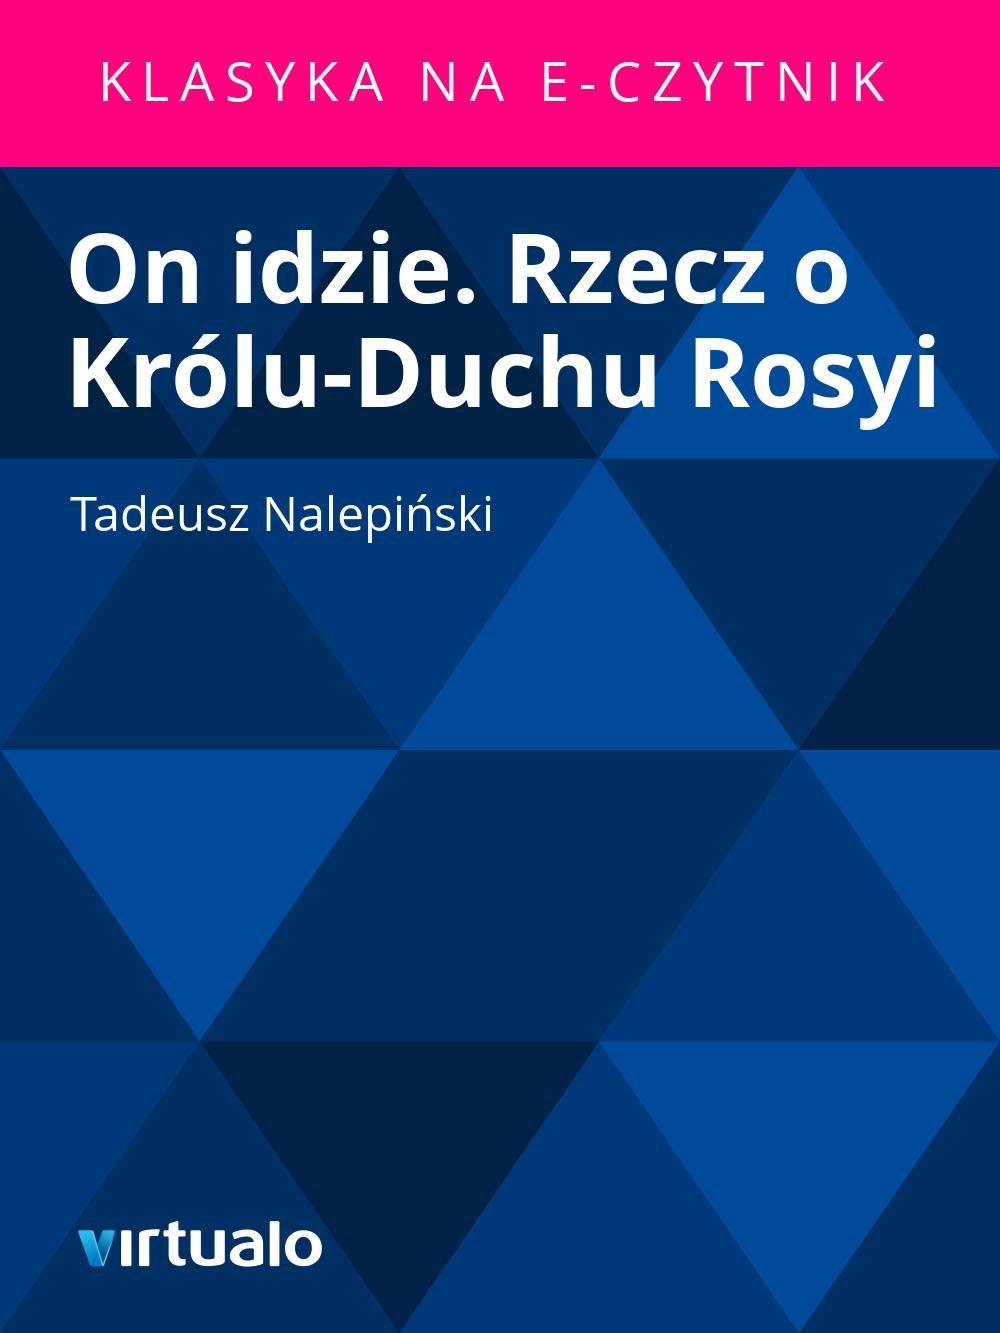 On idzie. Rzecz o Królu-Duchu Rosyi - Ebook (Książka EPUB) do pobrania w formacie EPUB